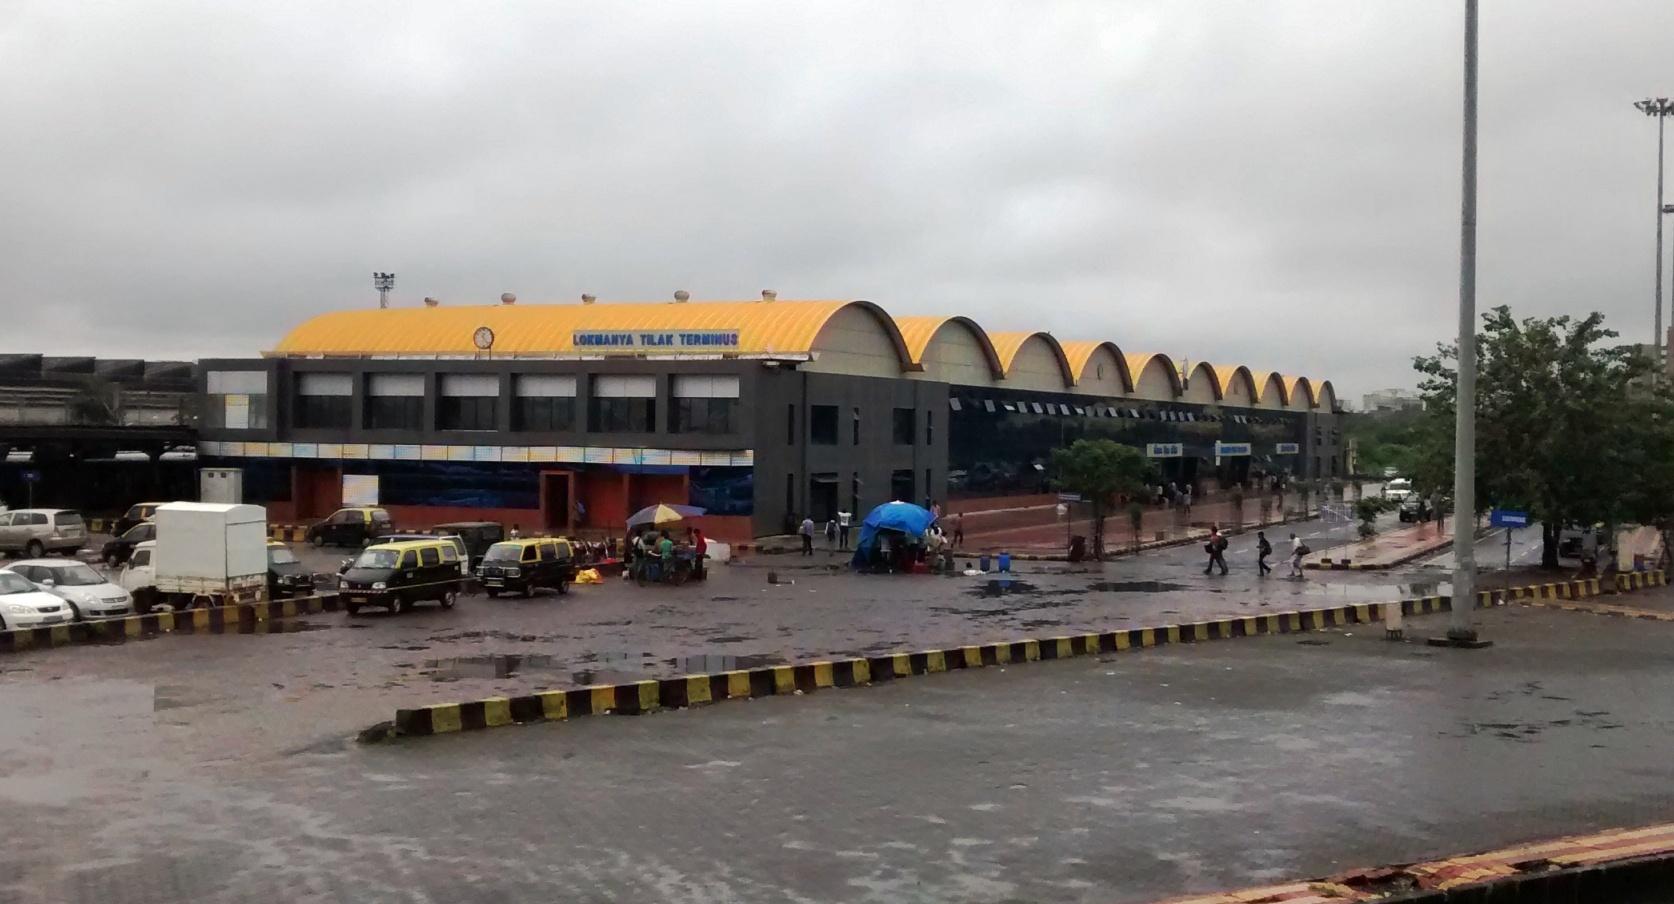 लोकमान्य तिलक टर्मिनस रेलवे स्टेशन